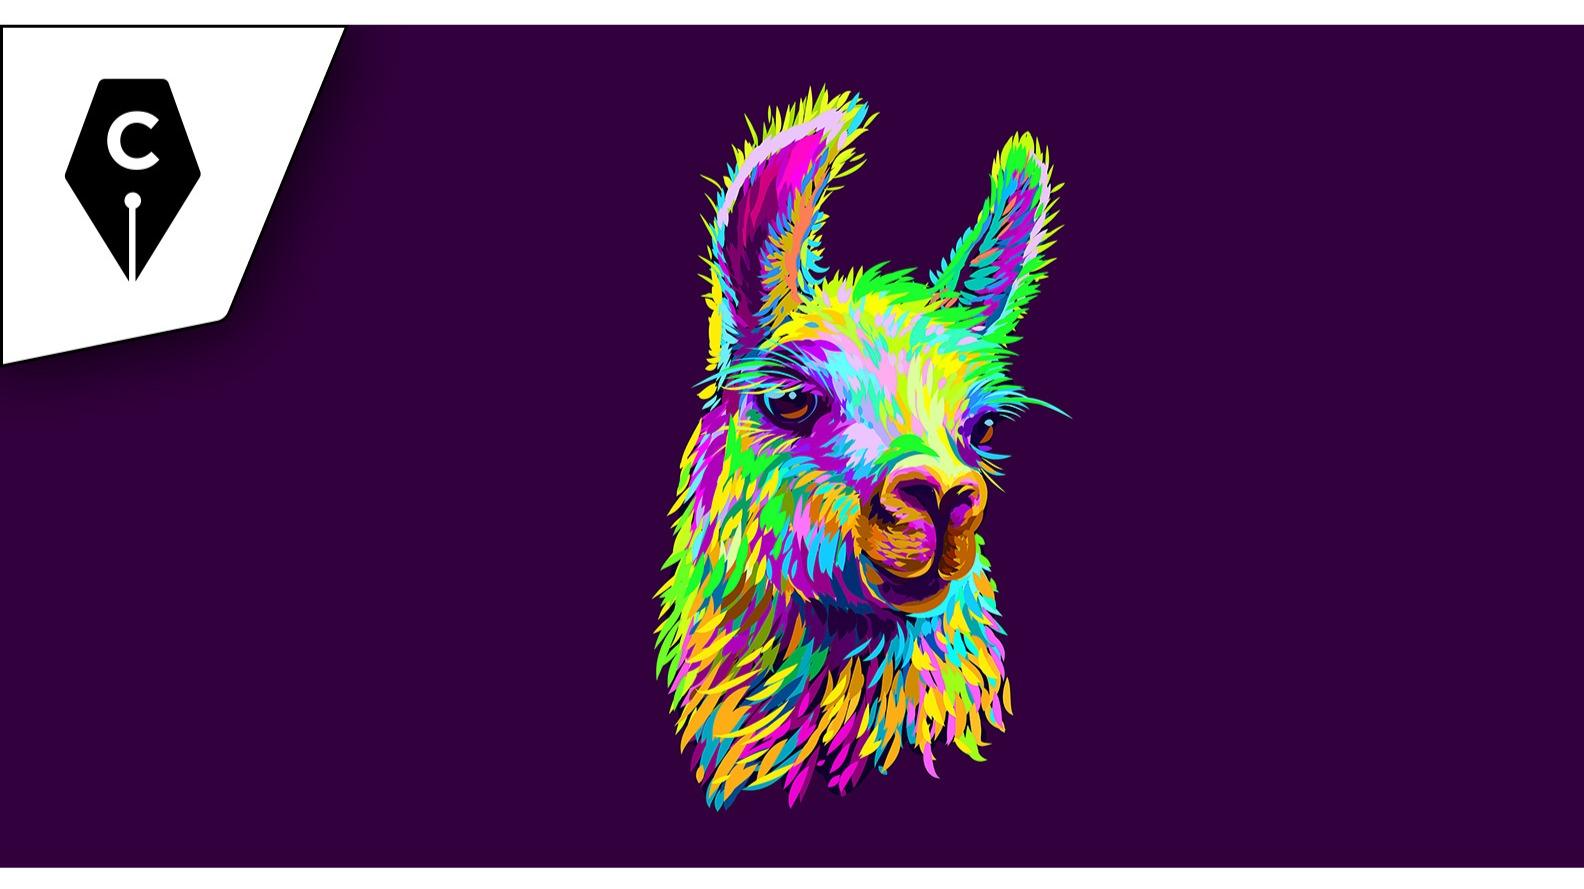 Adobe stock licensed image